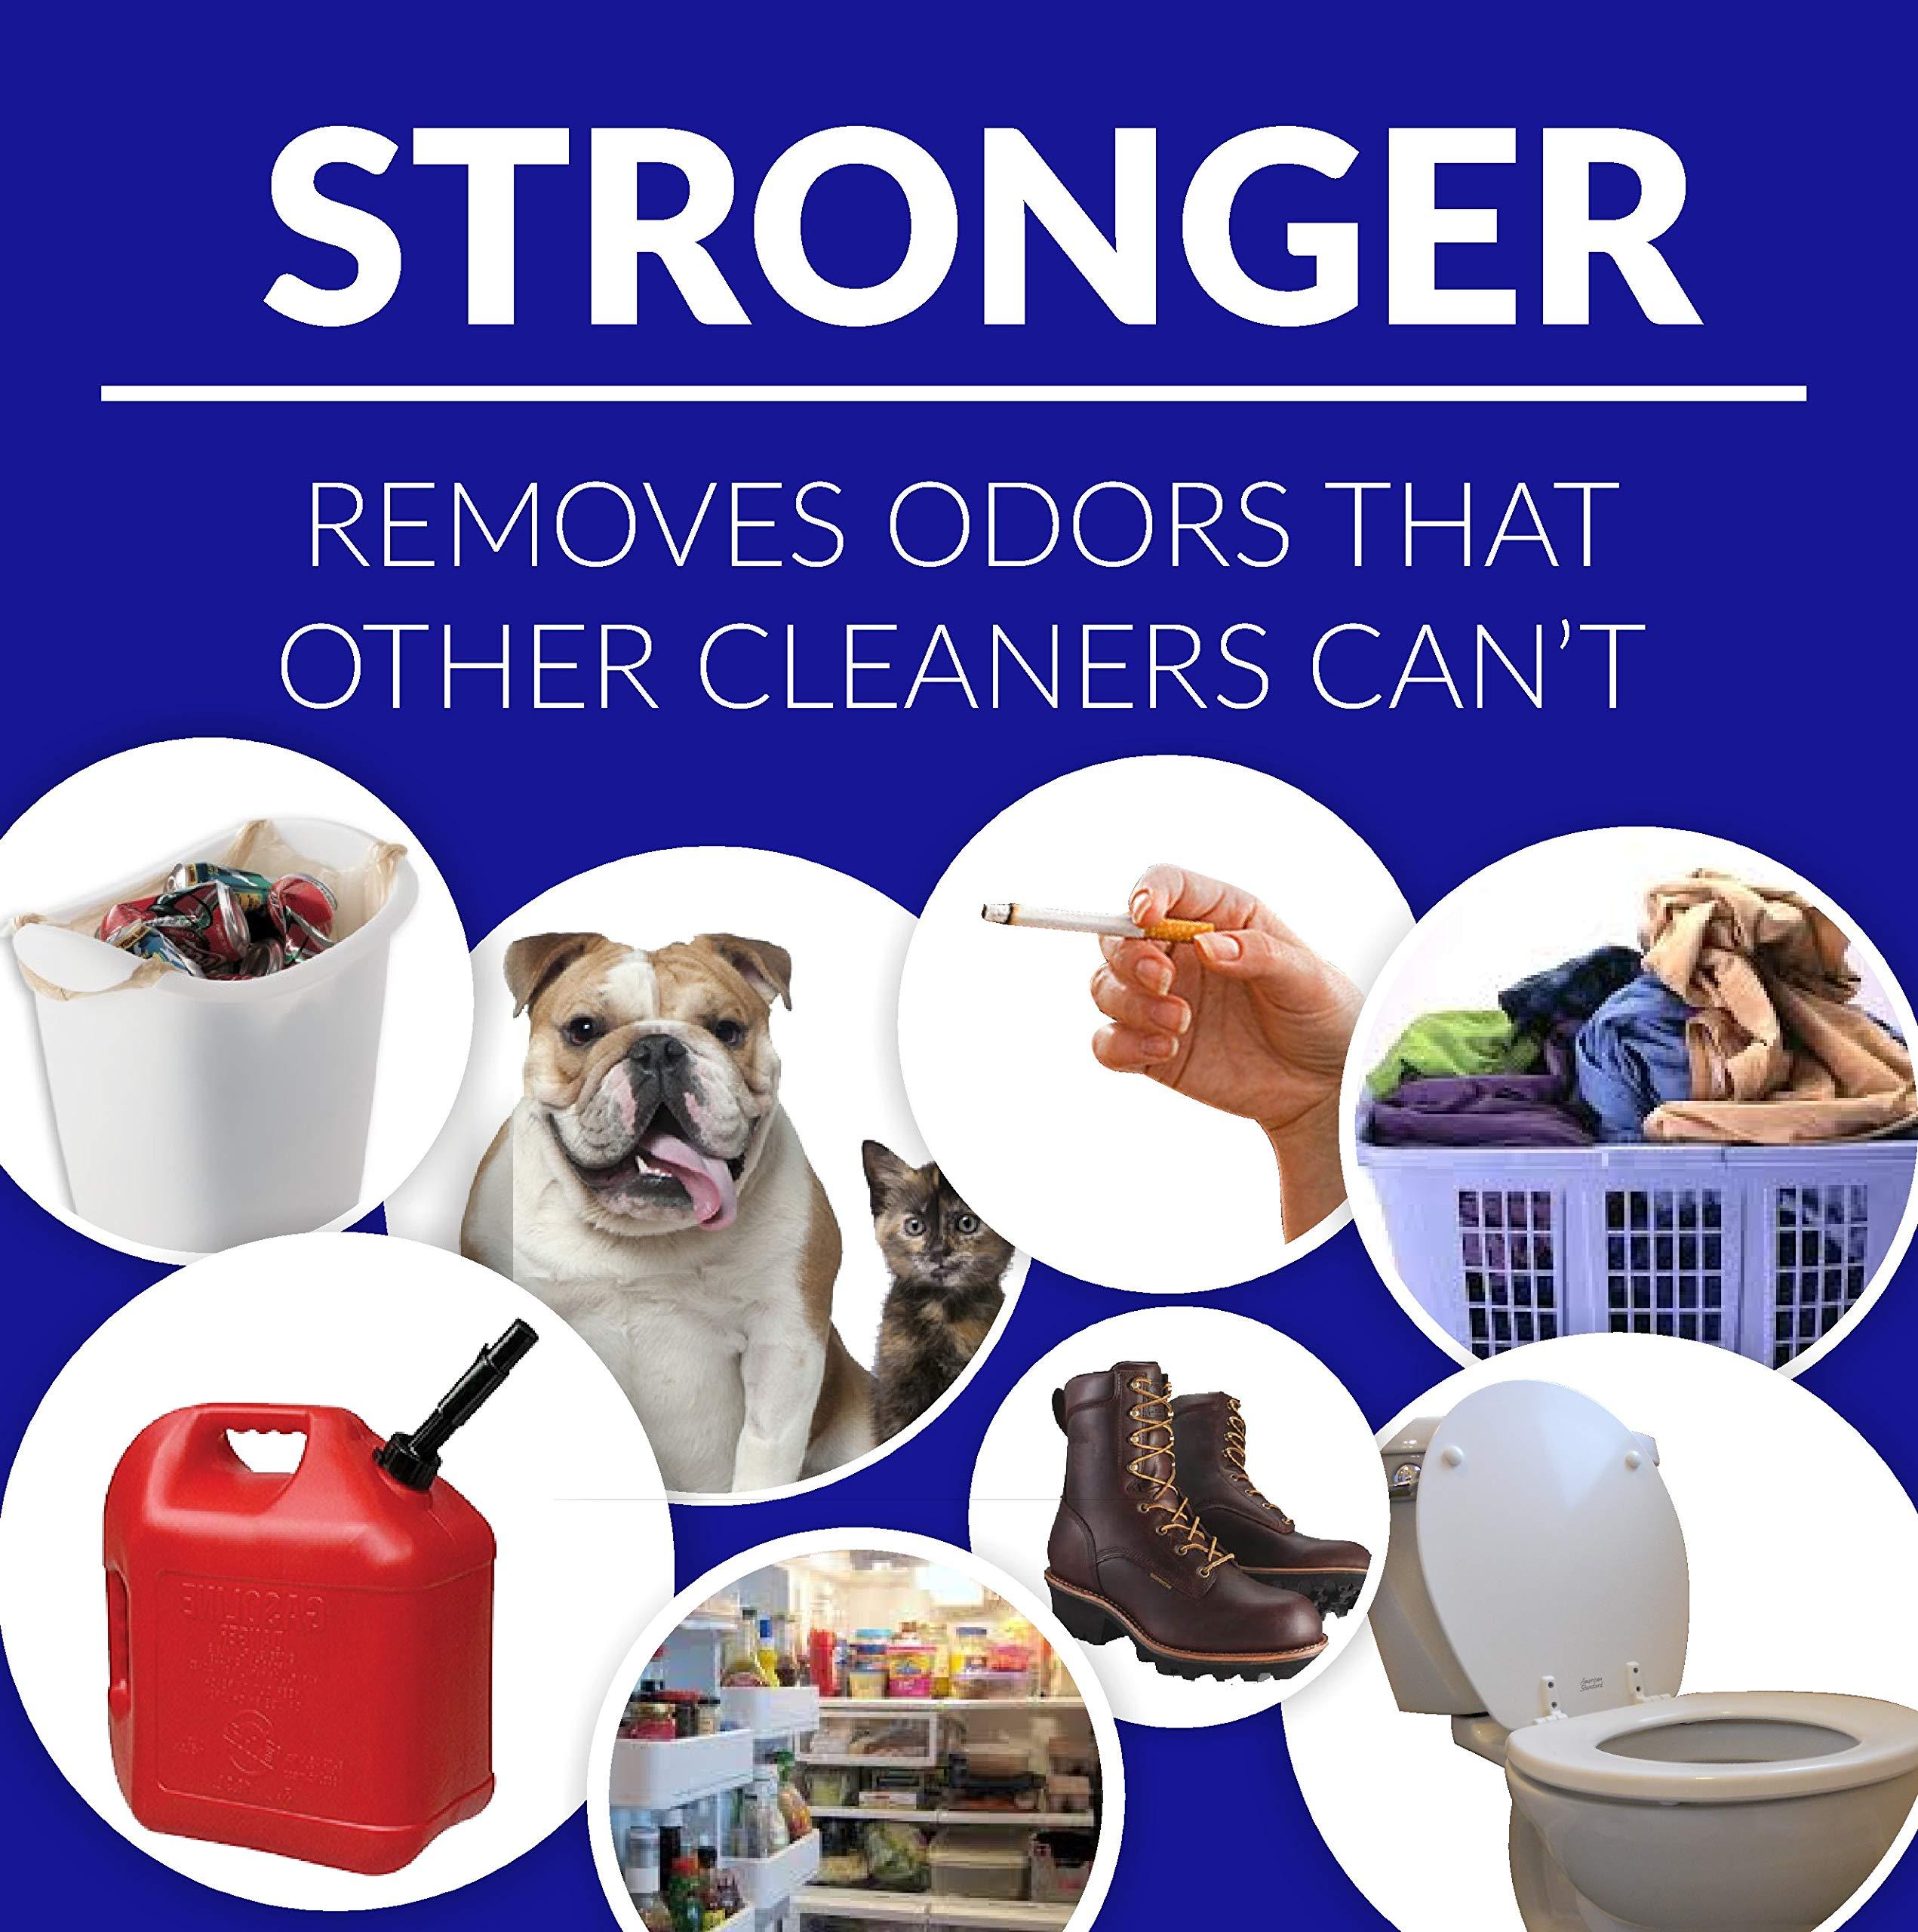 ZORBX Unscented Multipurpose Odor Remover –Safe for All, Even Children, No Harsh Chemicals, Perfumes or Fragrances, Stronger and Safer Odor Eliminator Works Instantly (Value Pack)